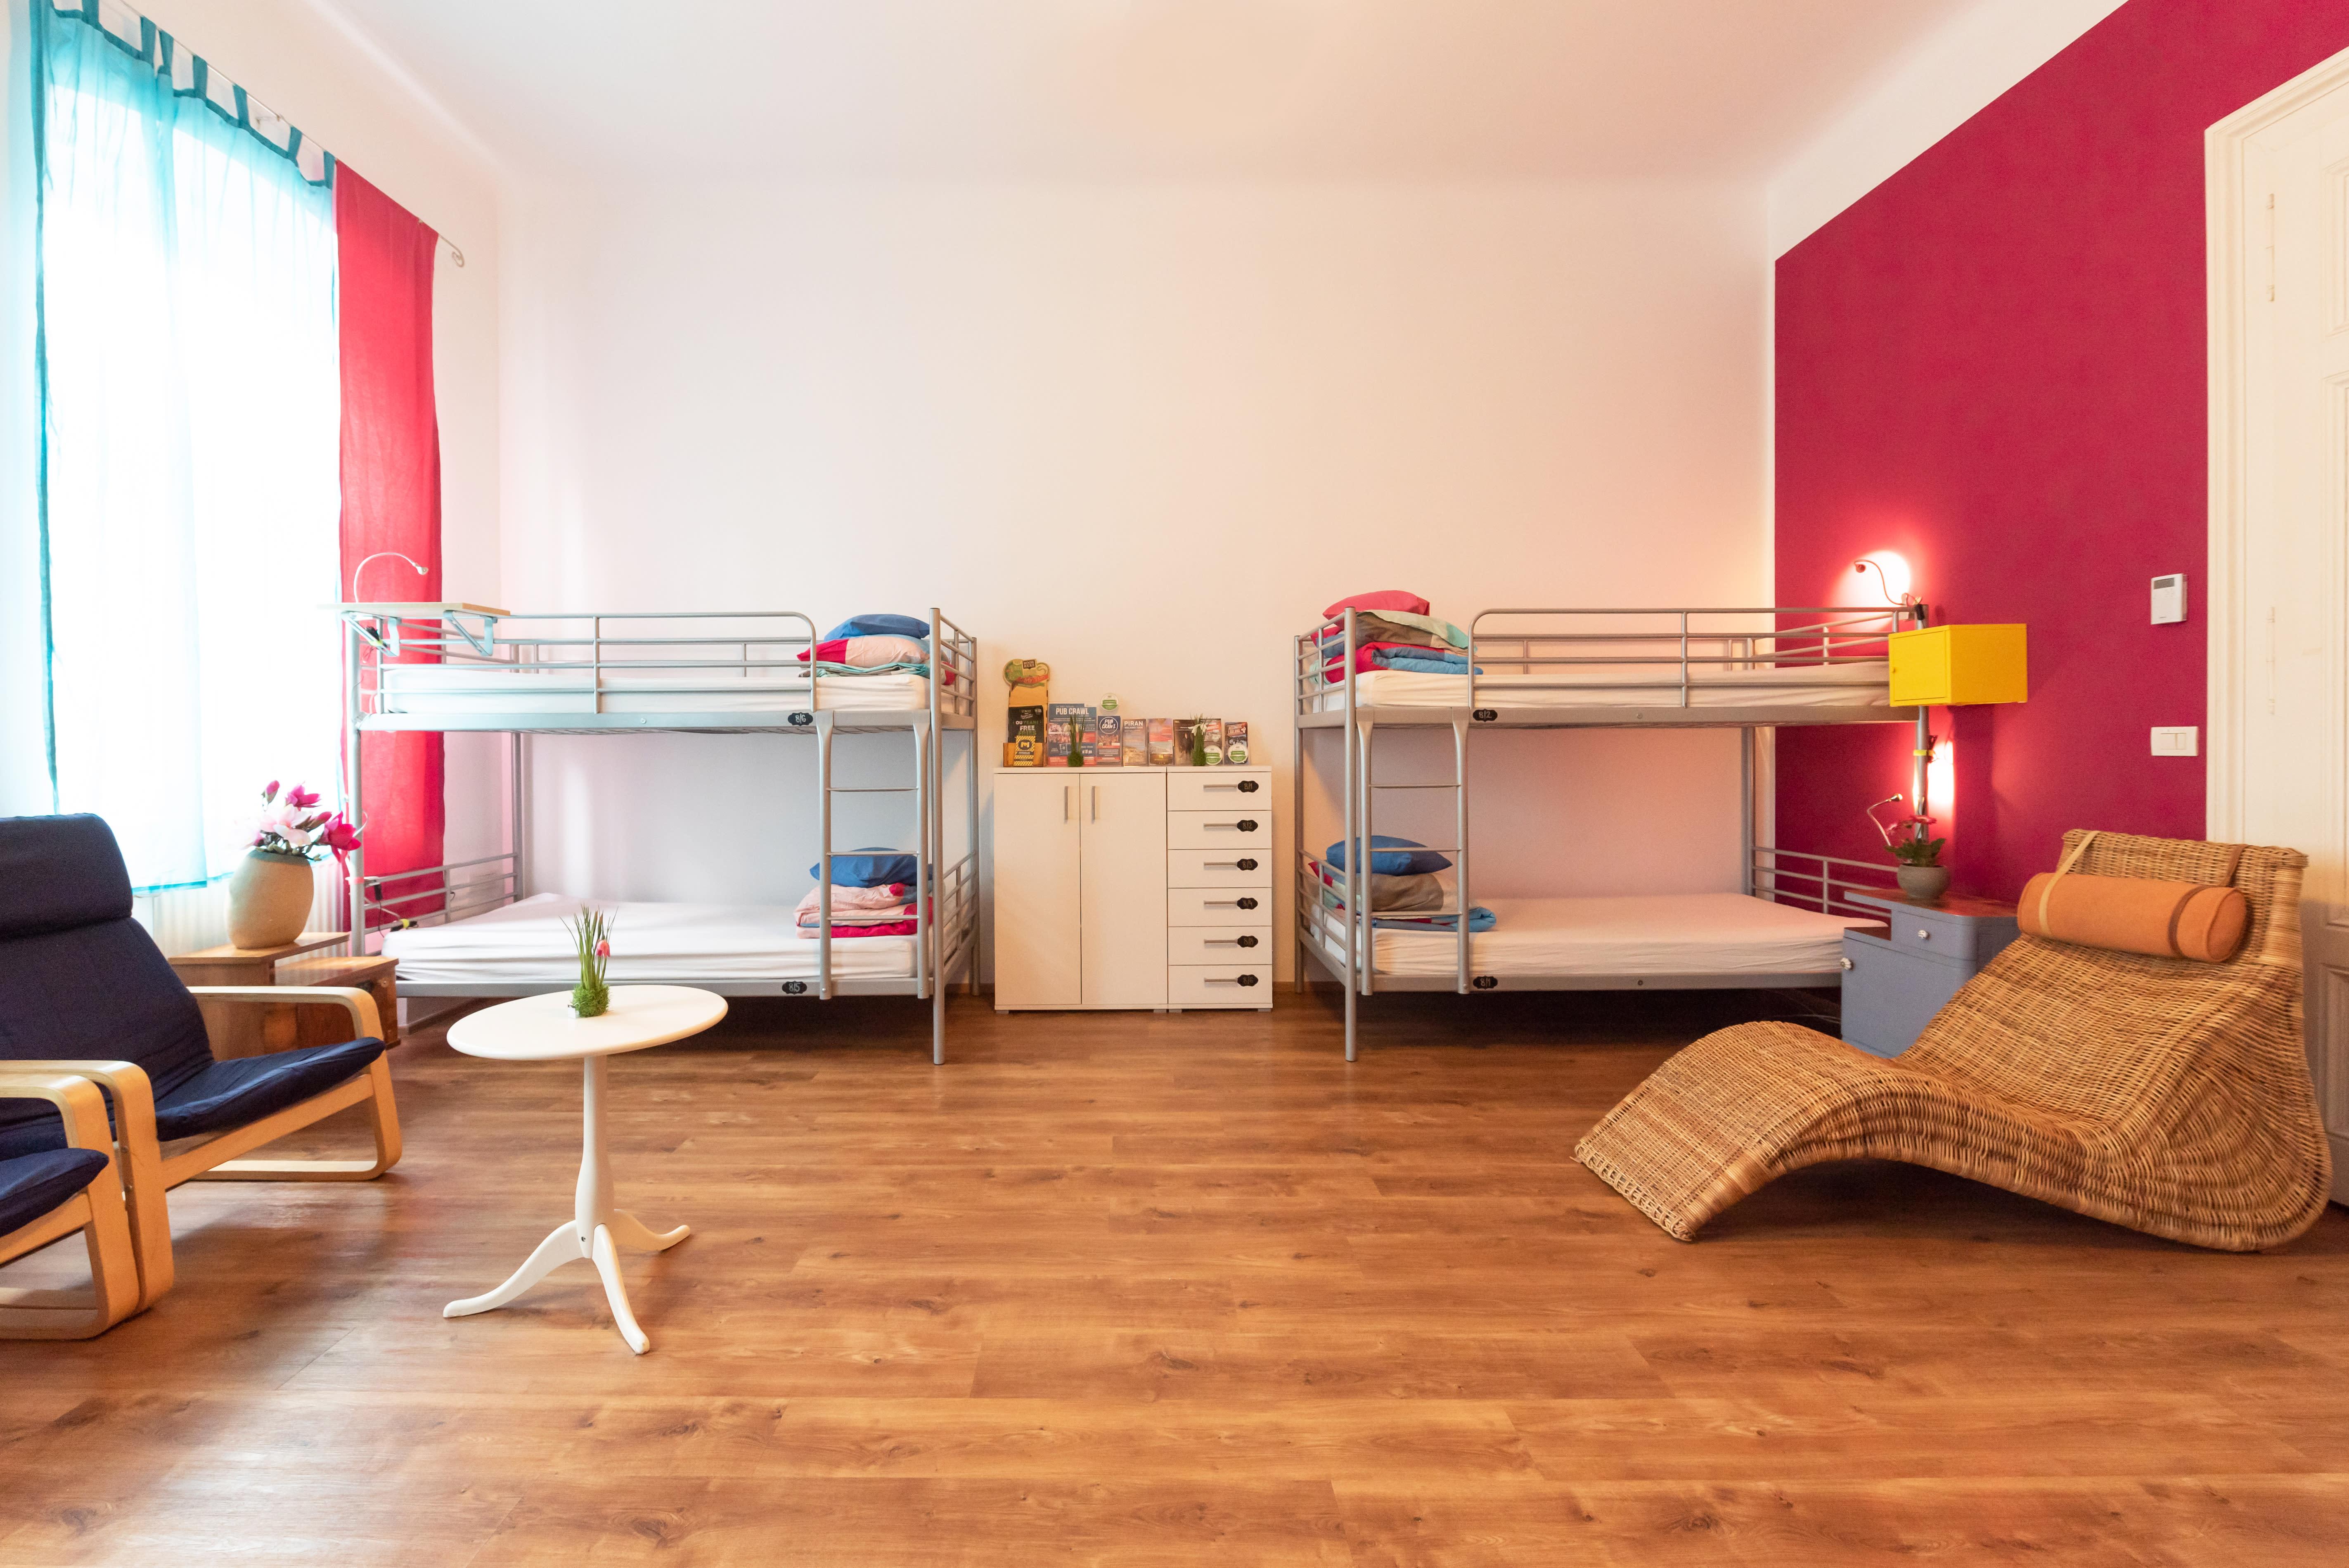 Fluxus Hostel